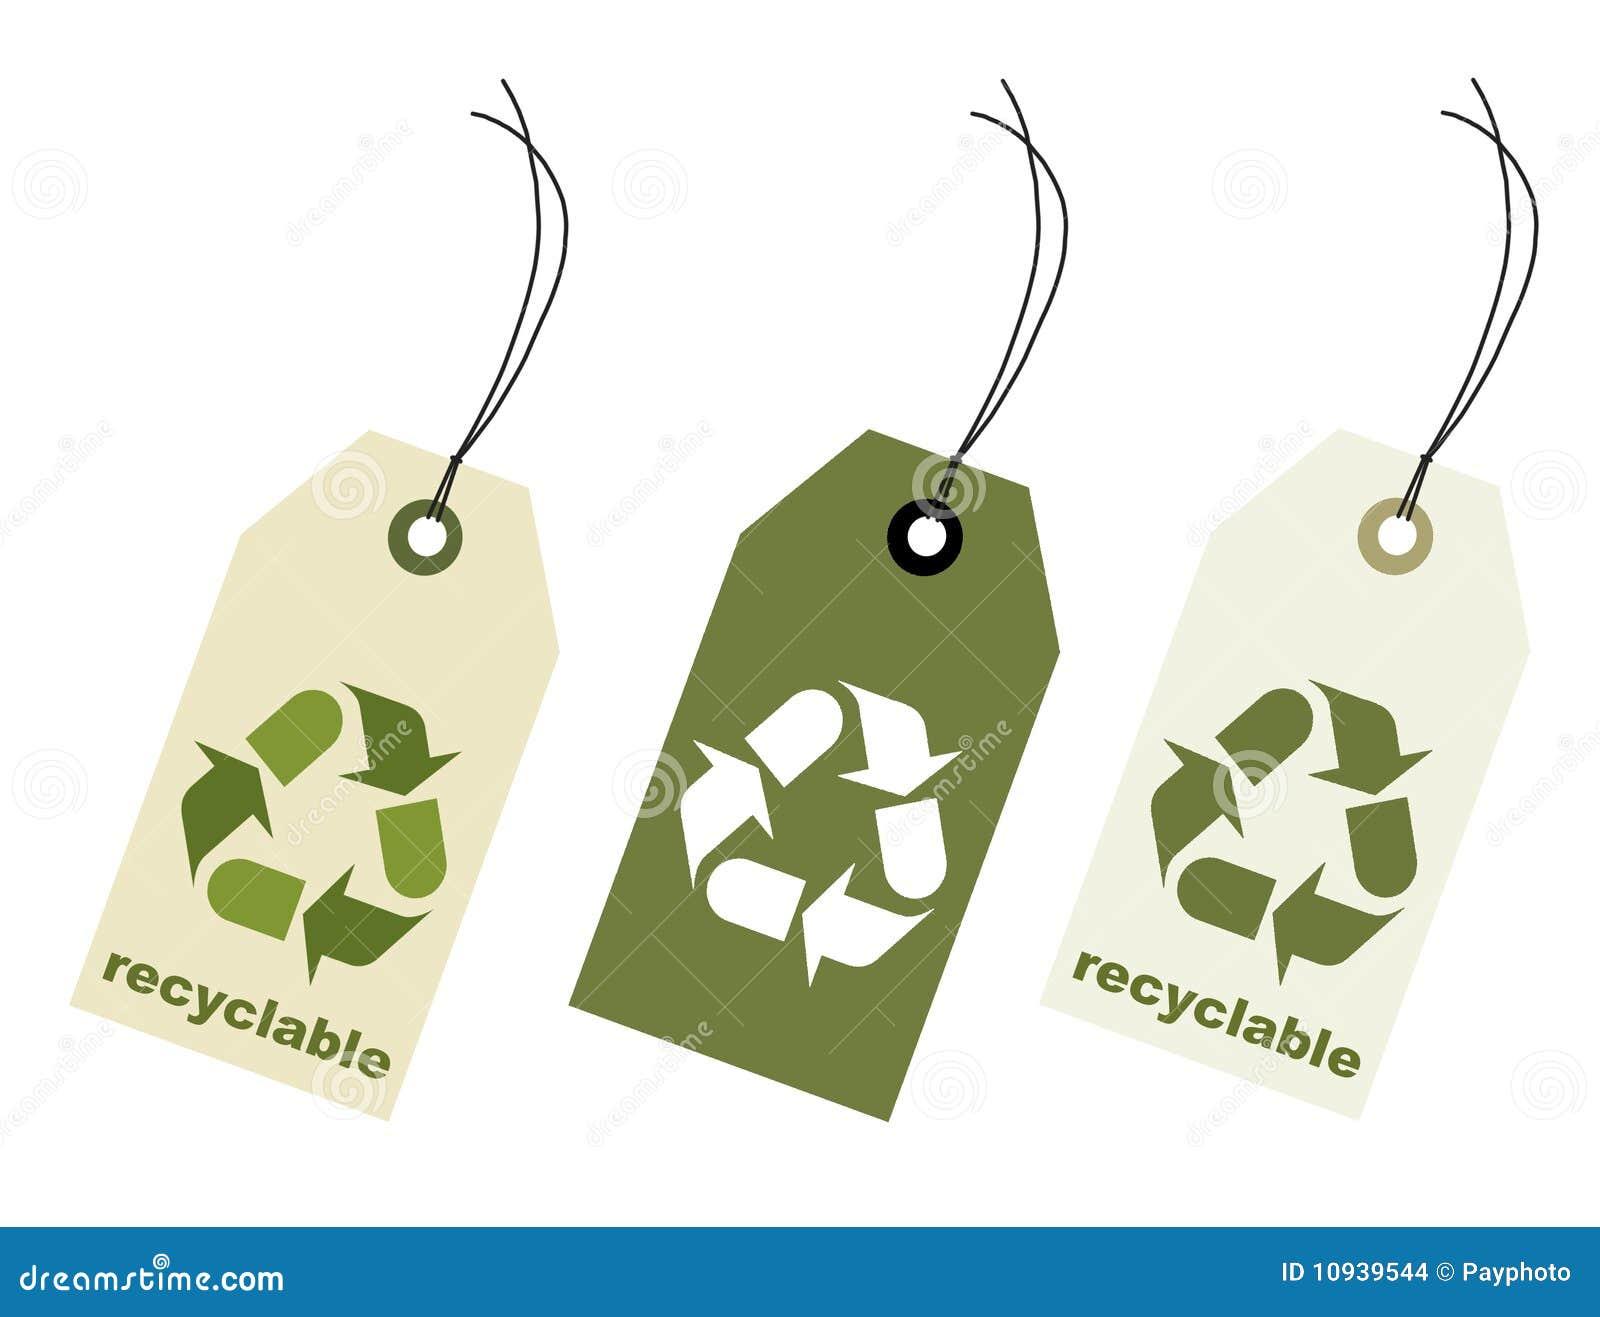 путь клиппирования recyclable пеет бирку